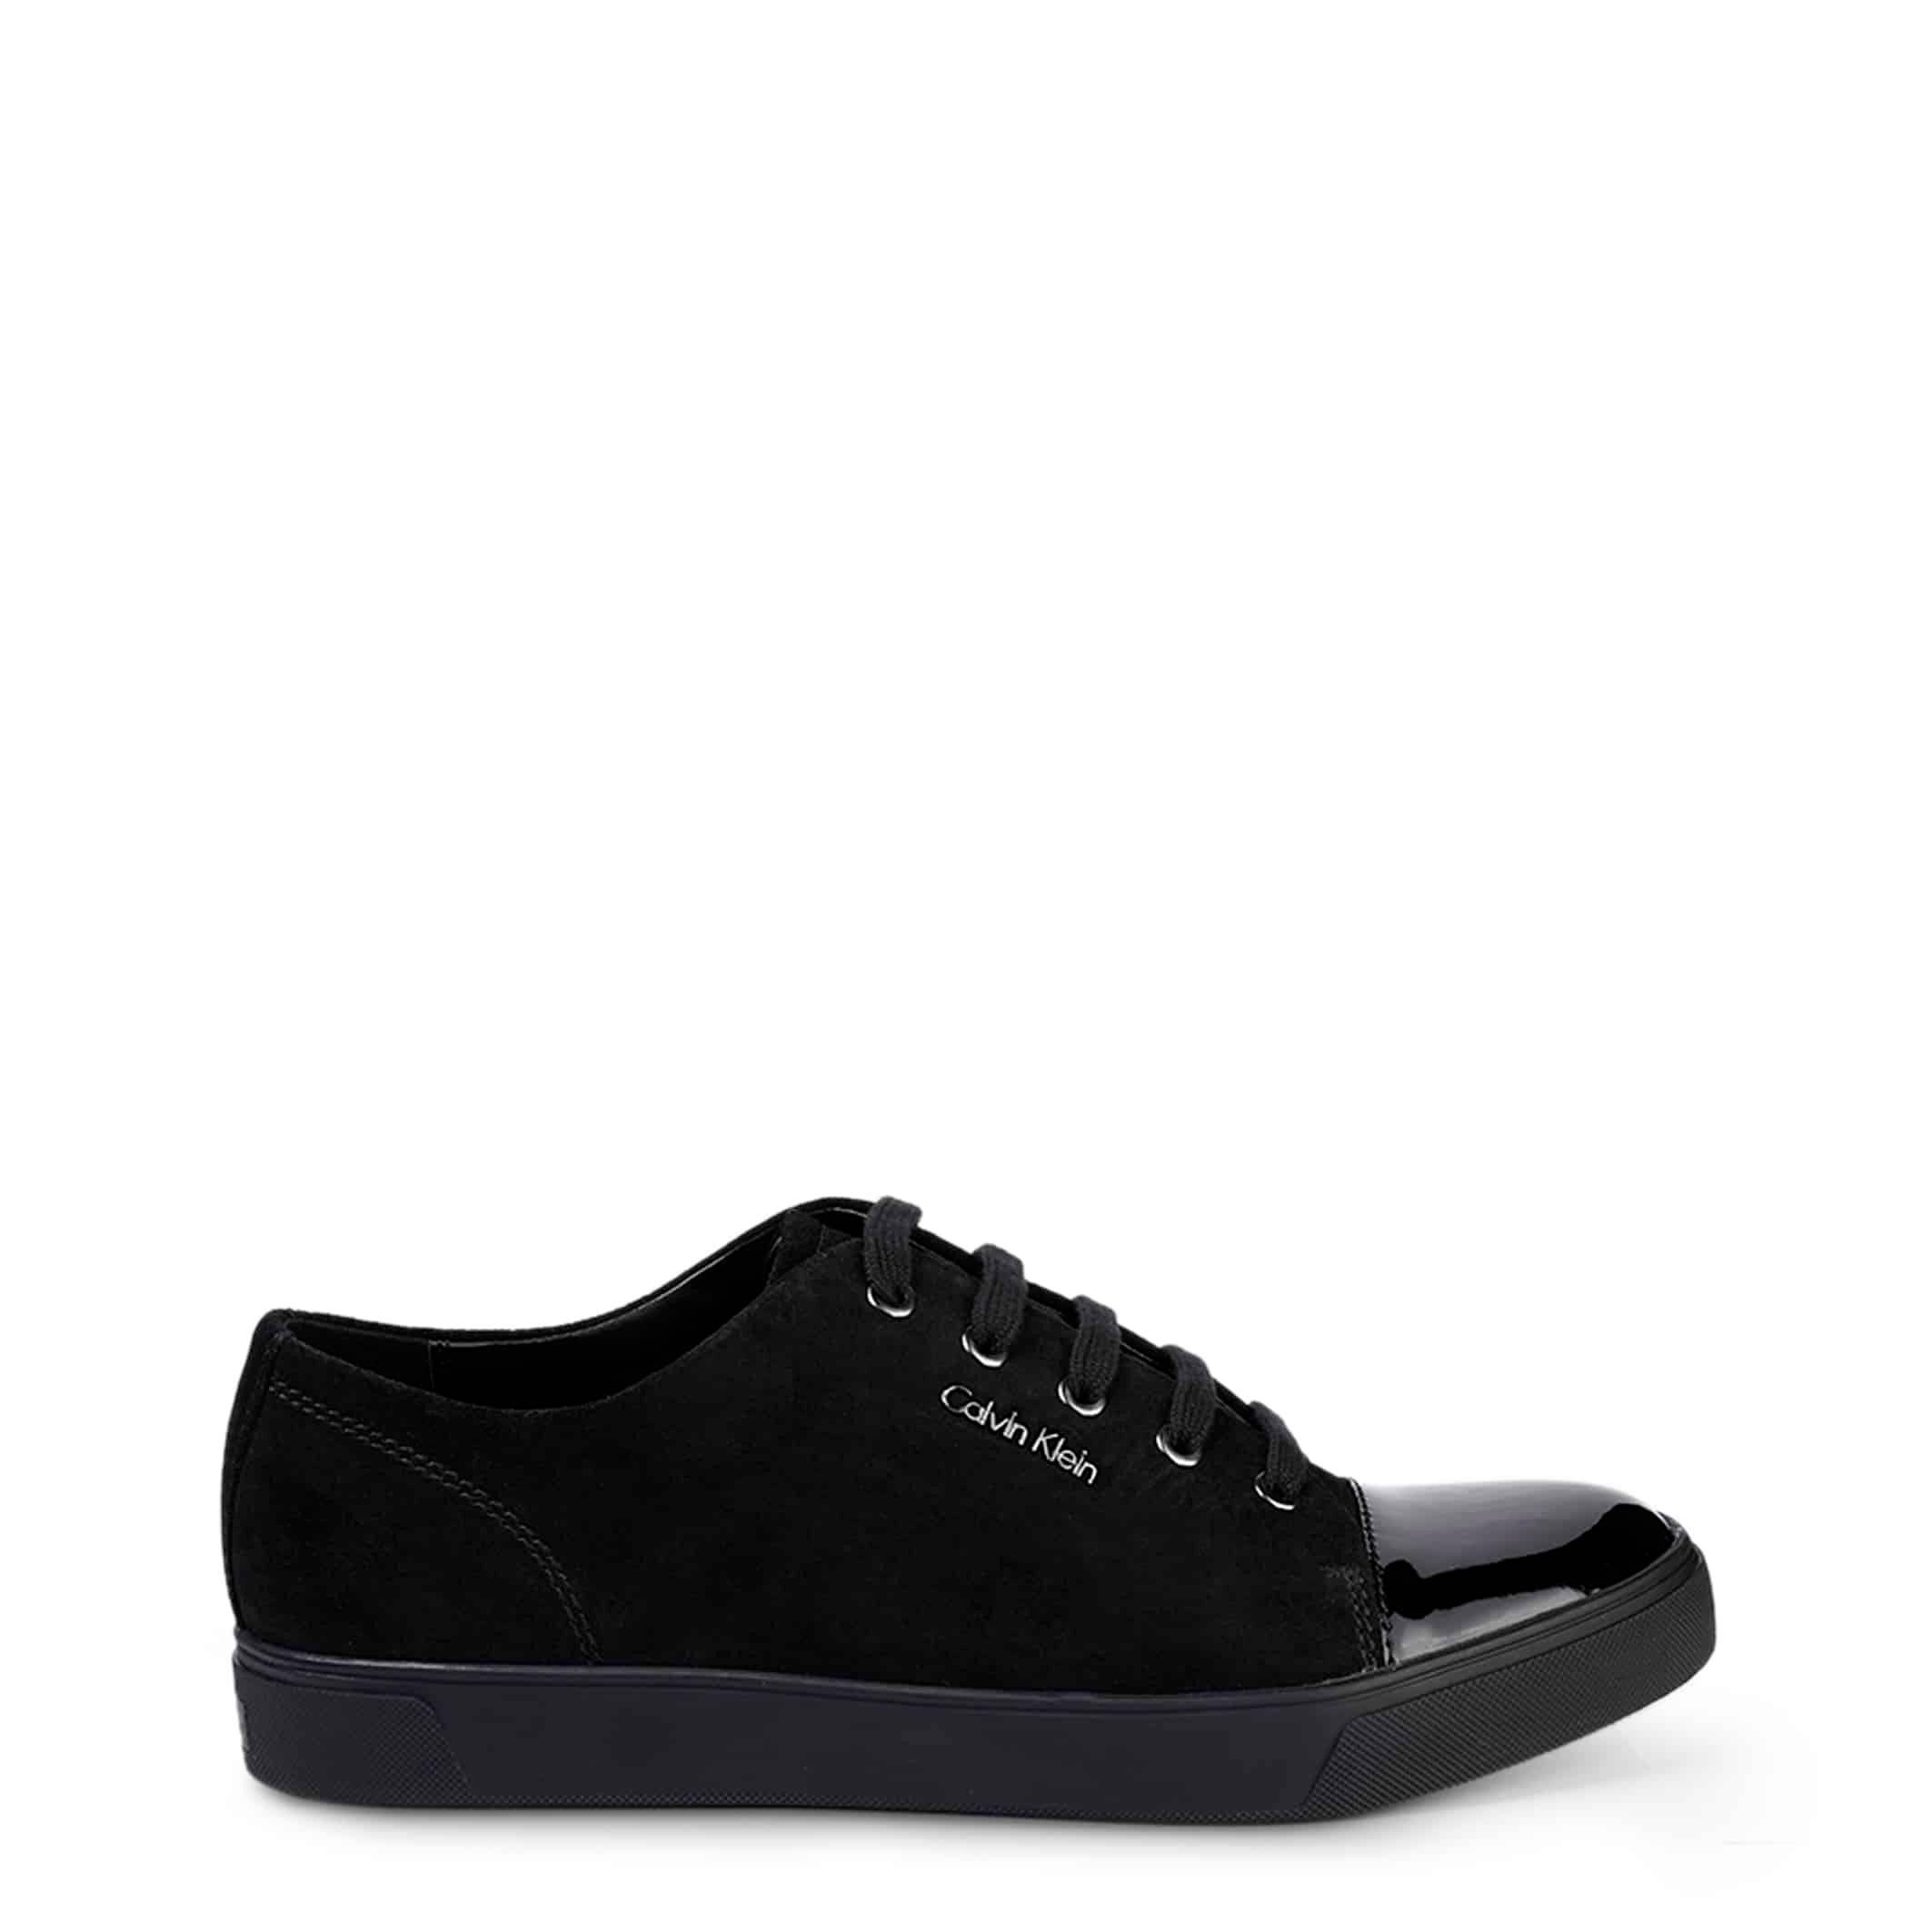 Sneakers Calvin Klein – O10997